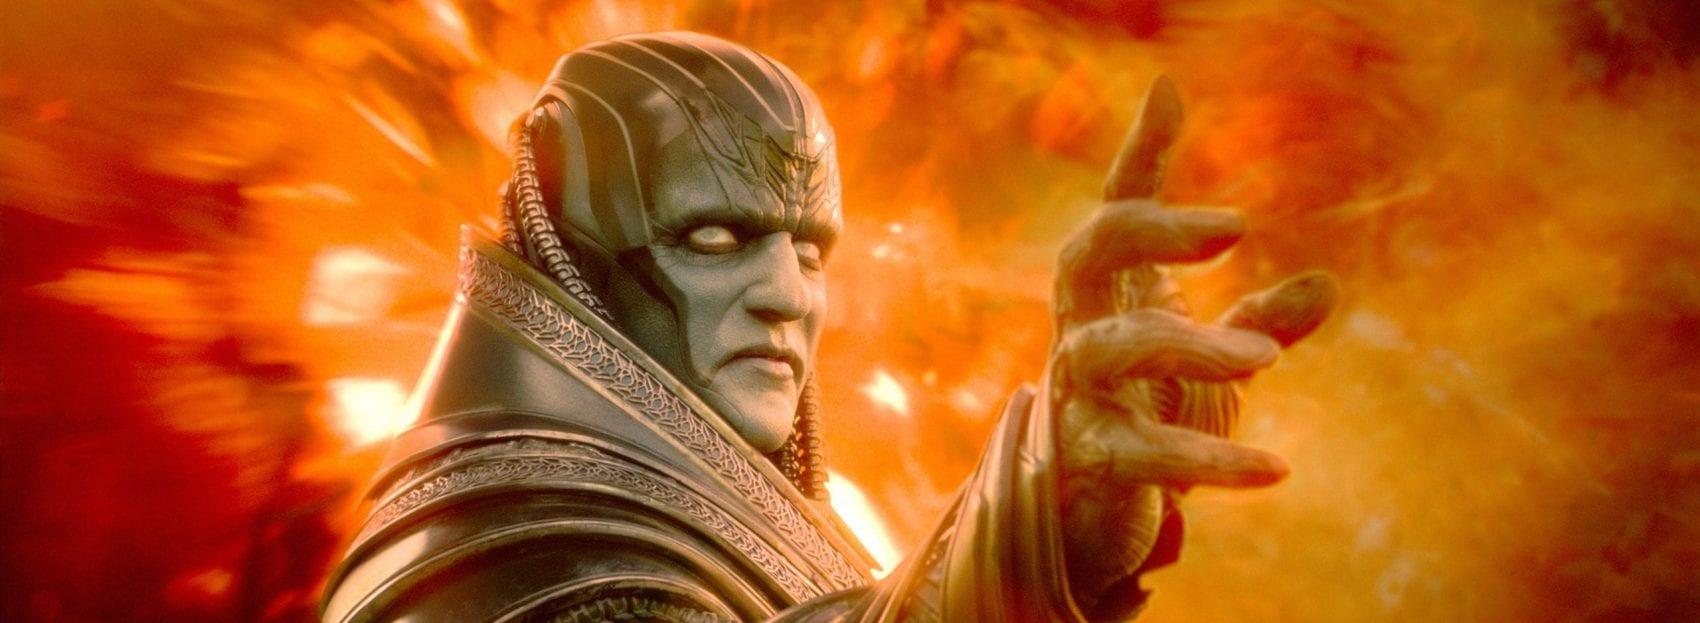 X-Men Apocalypse Review My Geek Actu 4